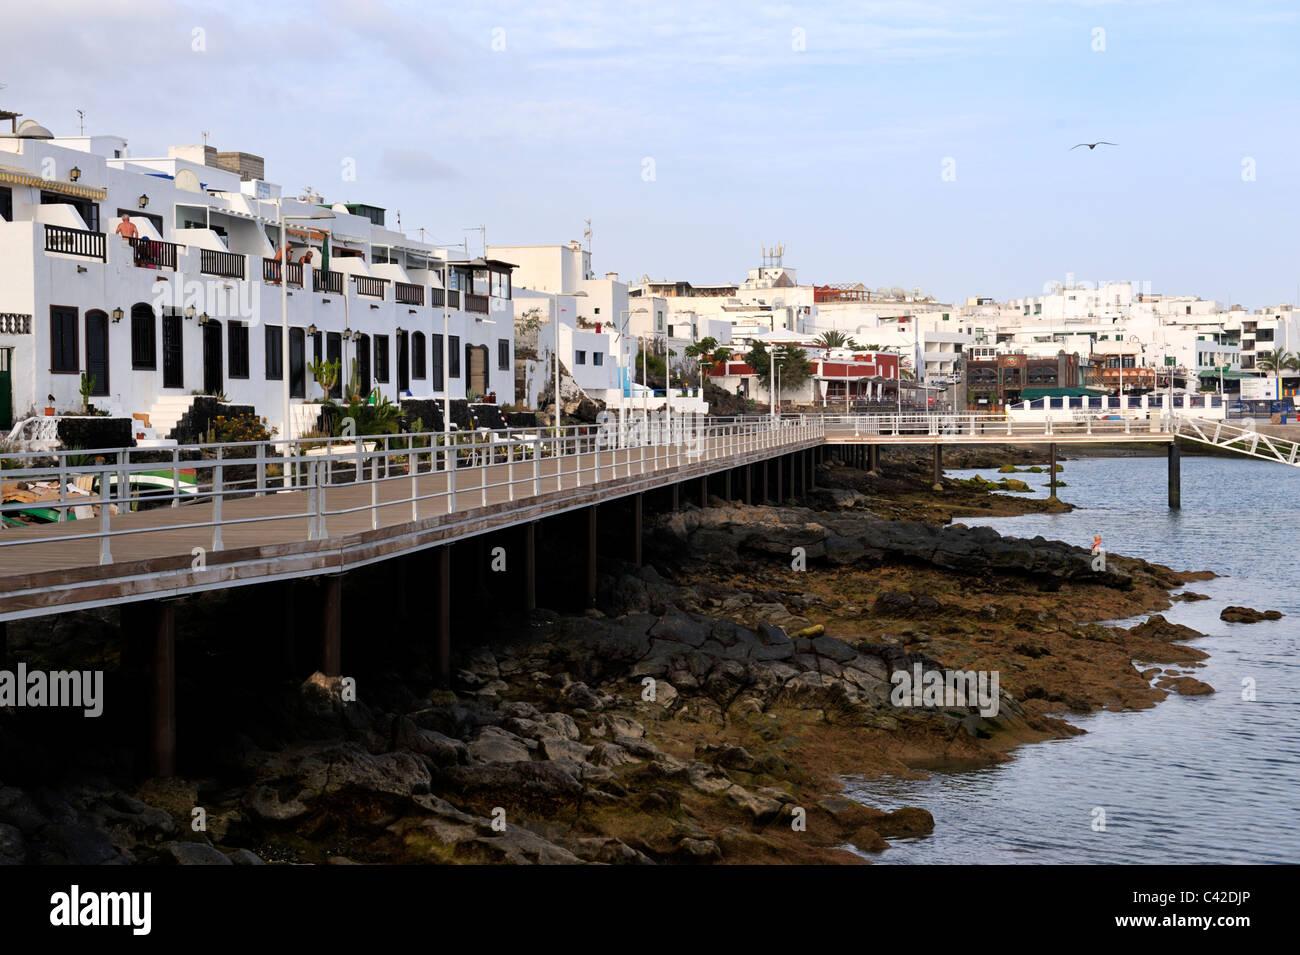 Seaside board walk old town puerto del carmen lanzarote - Lanzarote walks from puerto del carmen ...